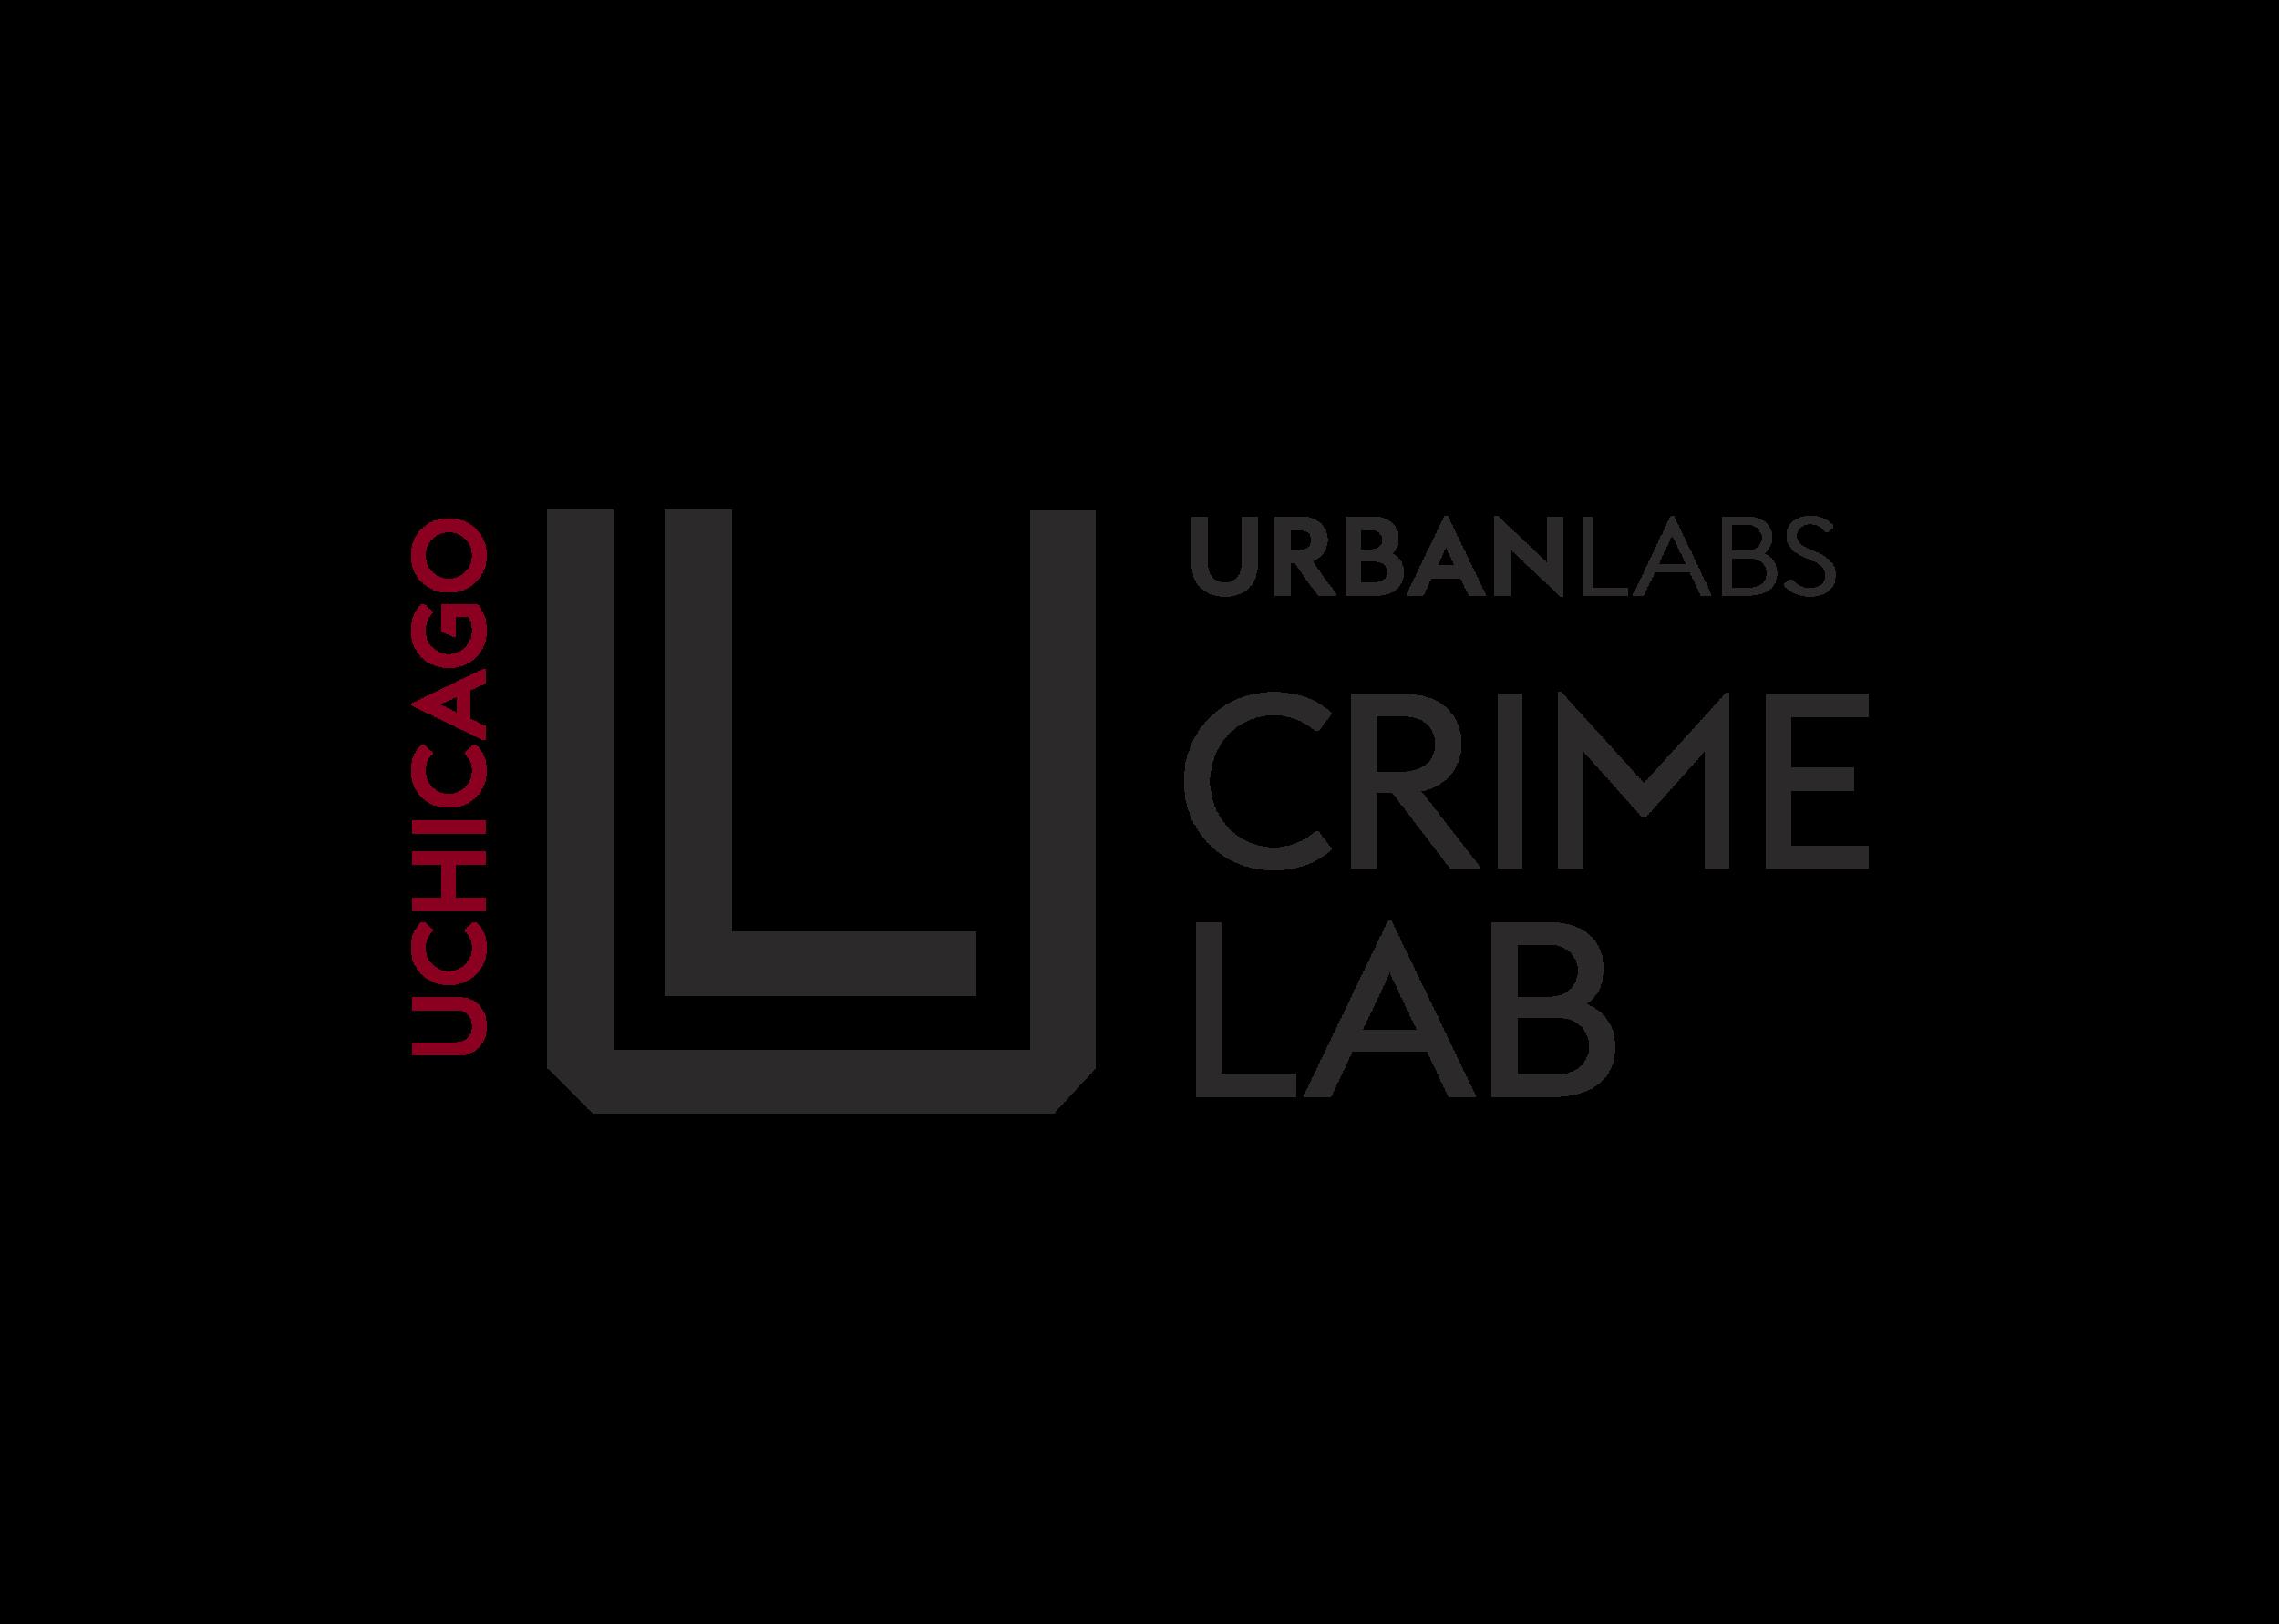 3.2_UrbanLabs_Crime_Maroon.png